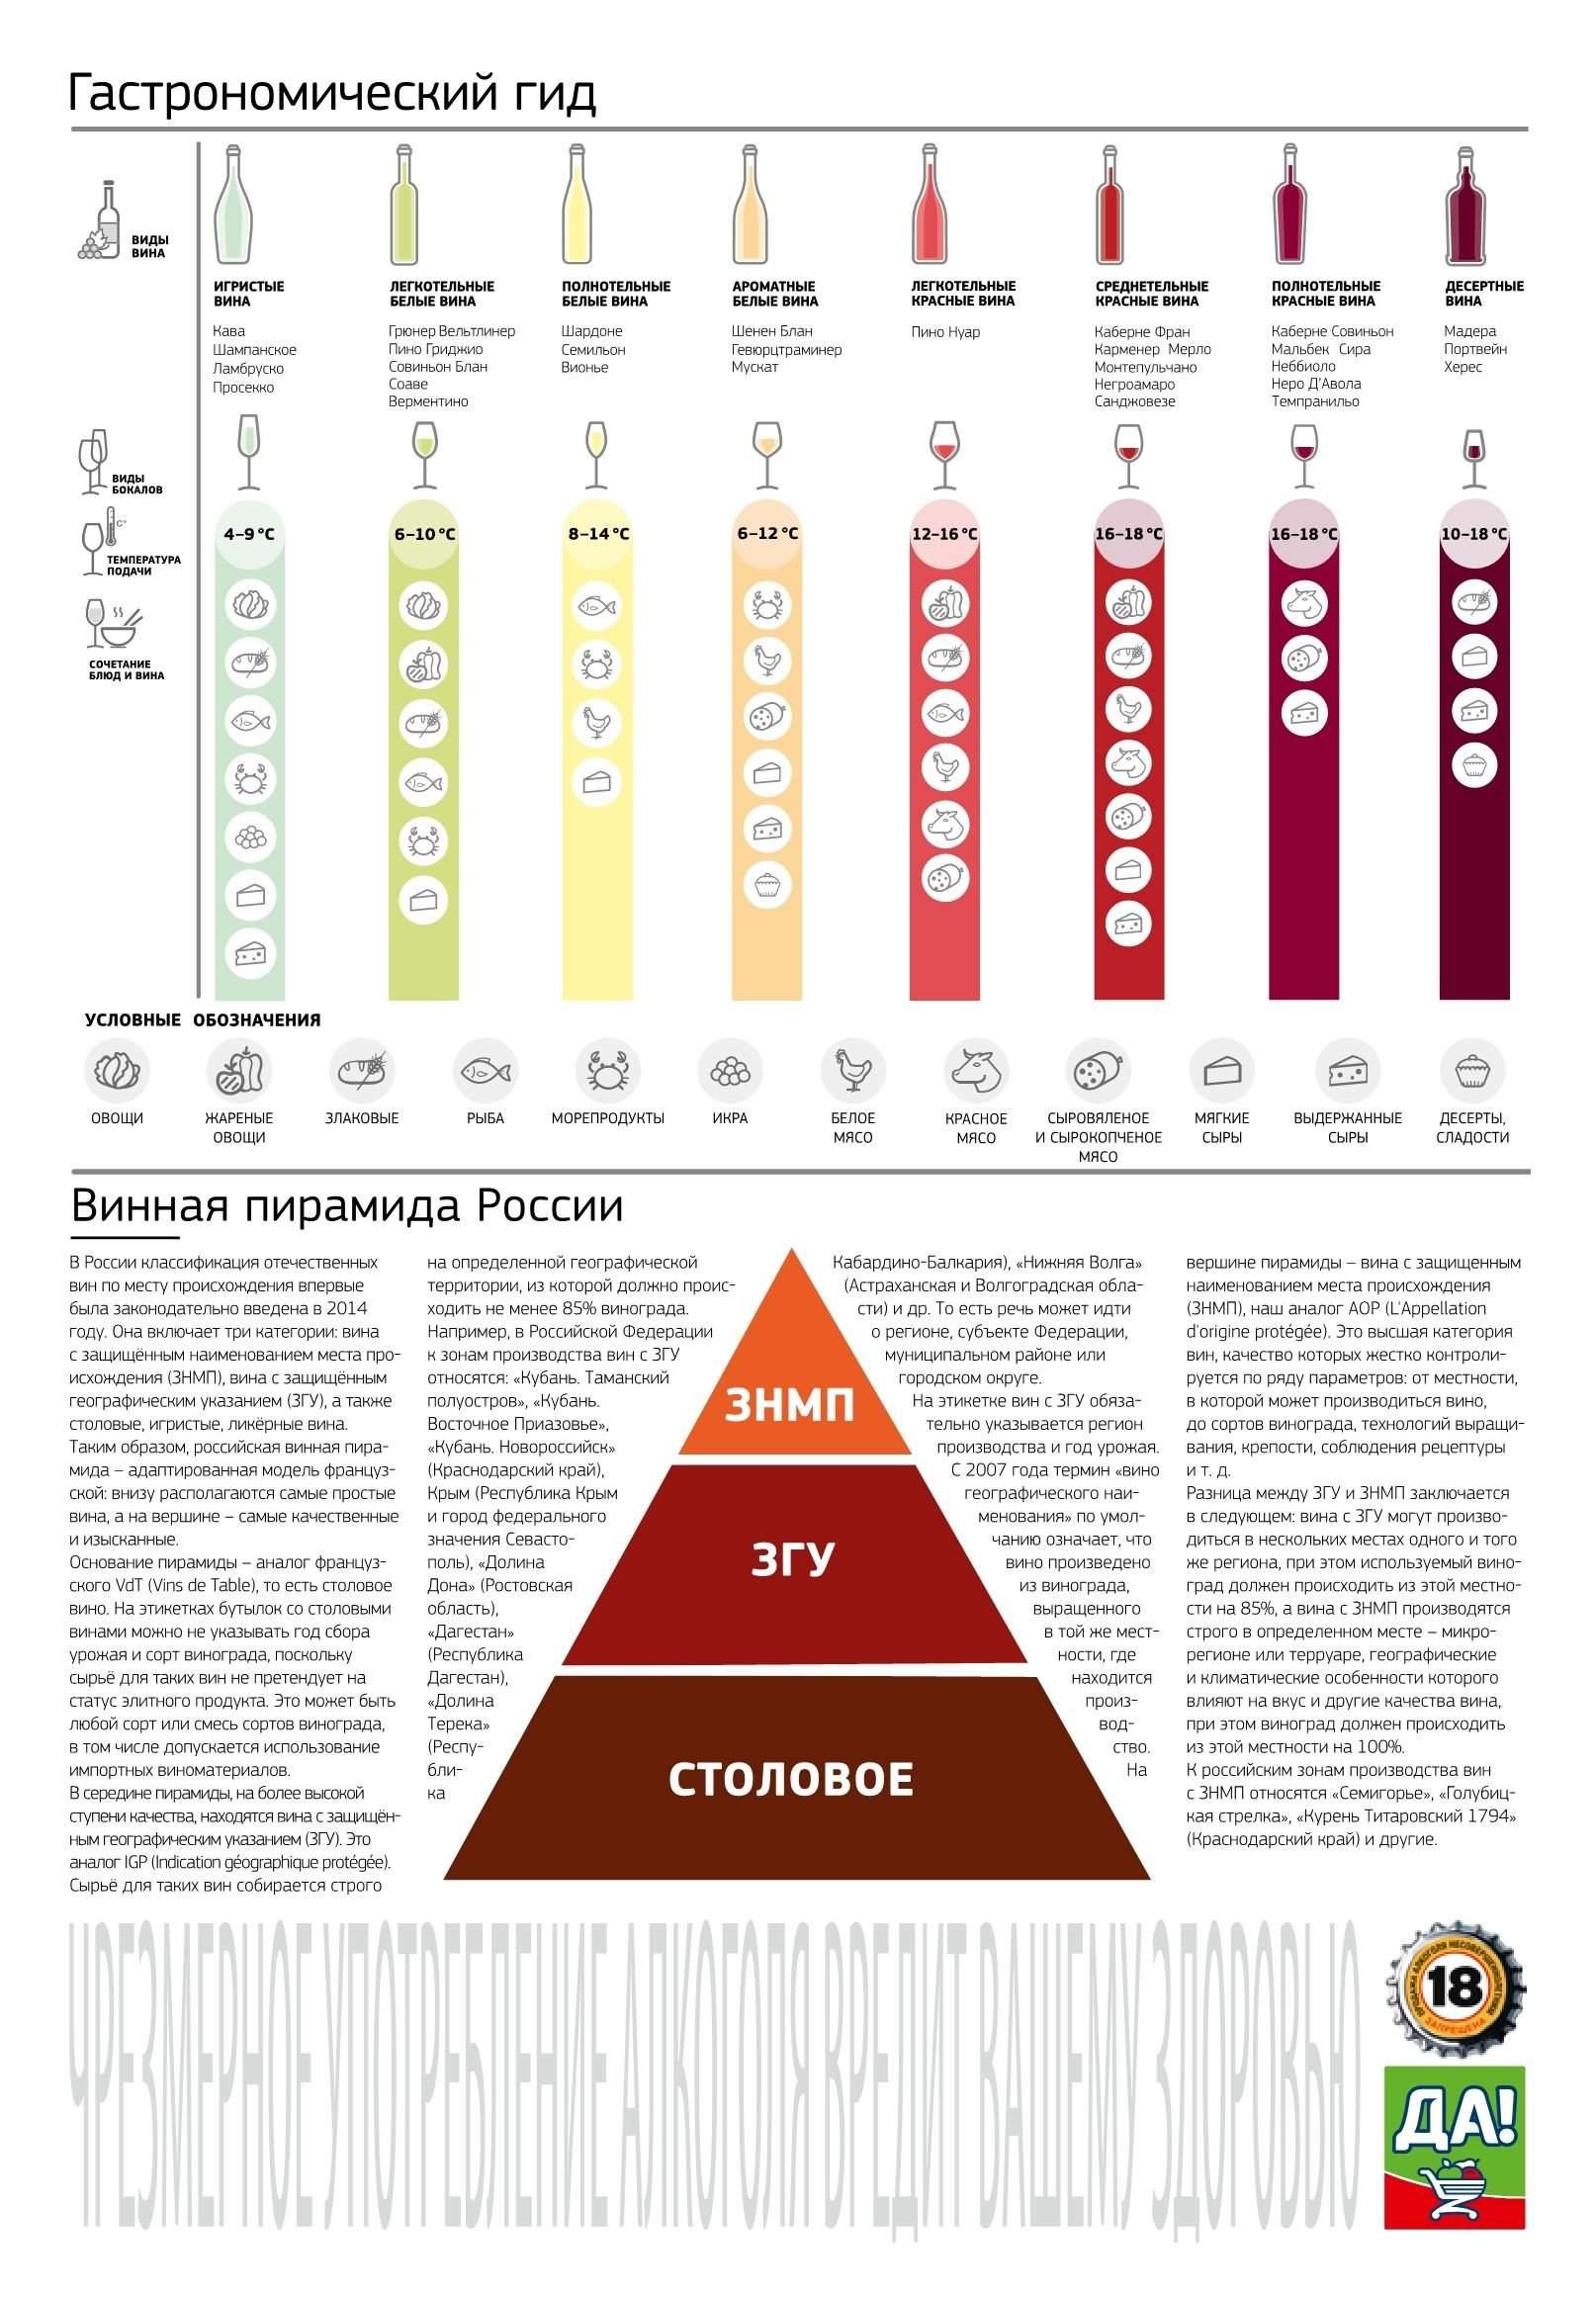 Виды вин: подробная классификация